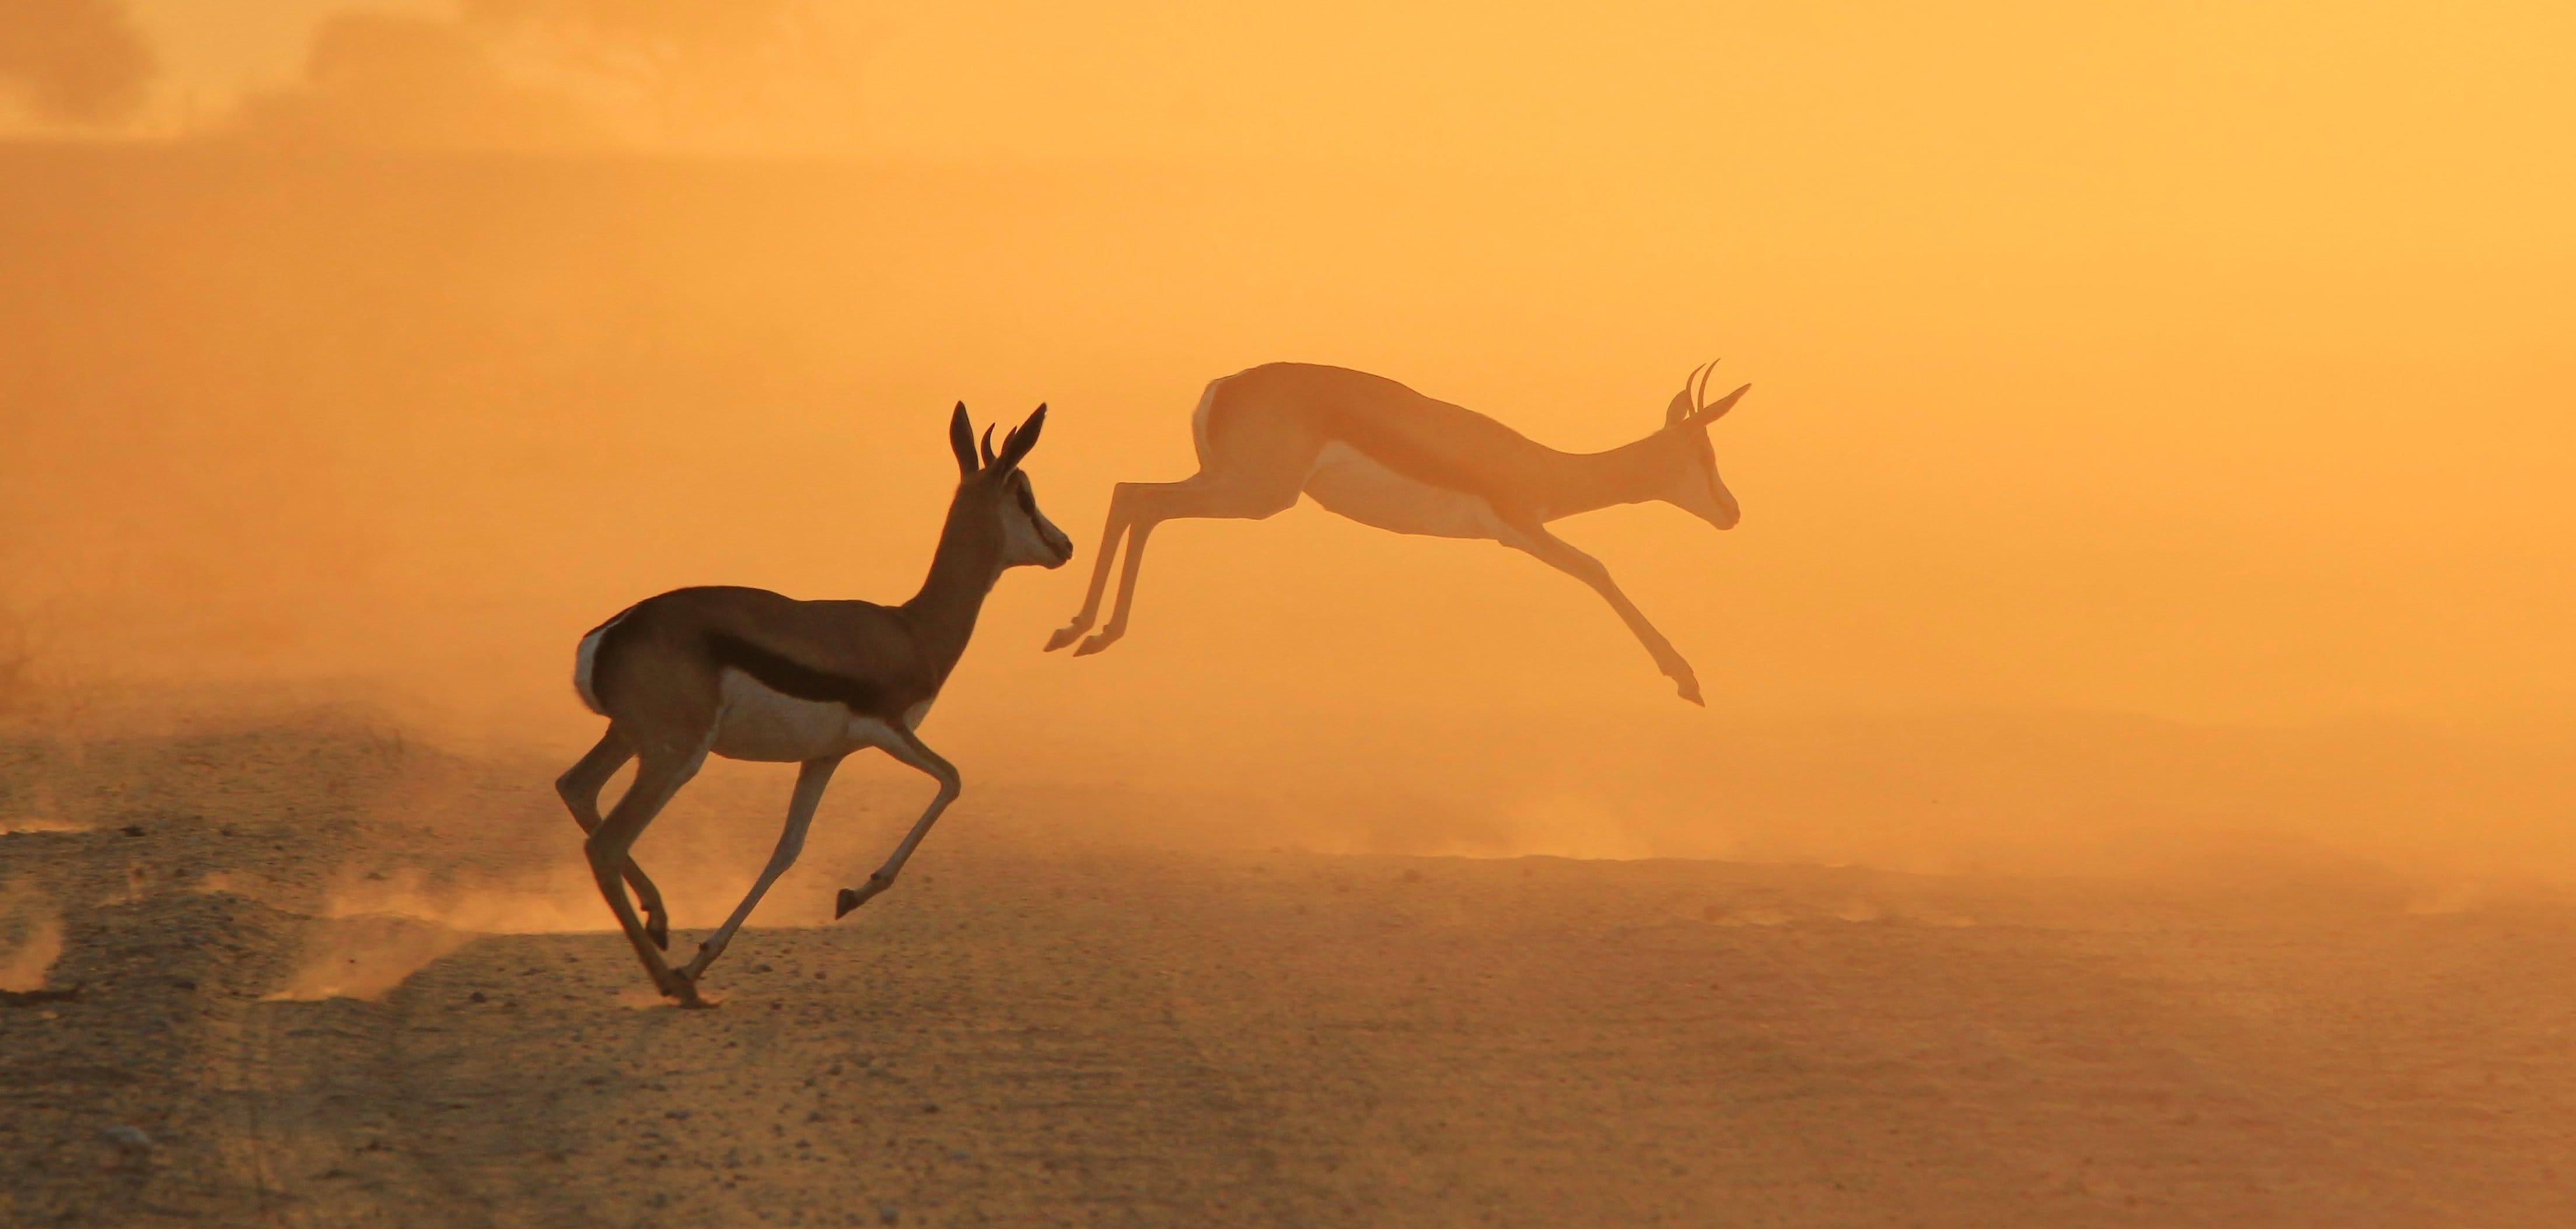 antilope-saut-afrique-du-sud-decouverte